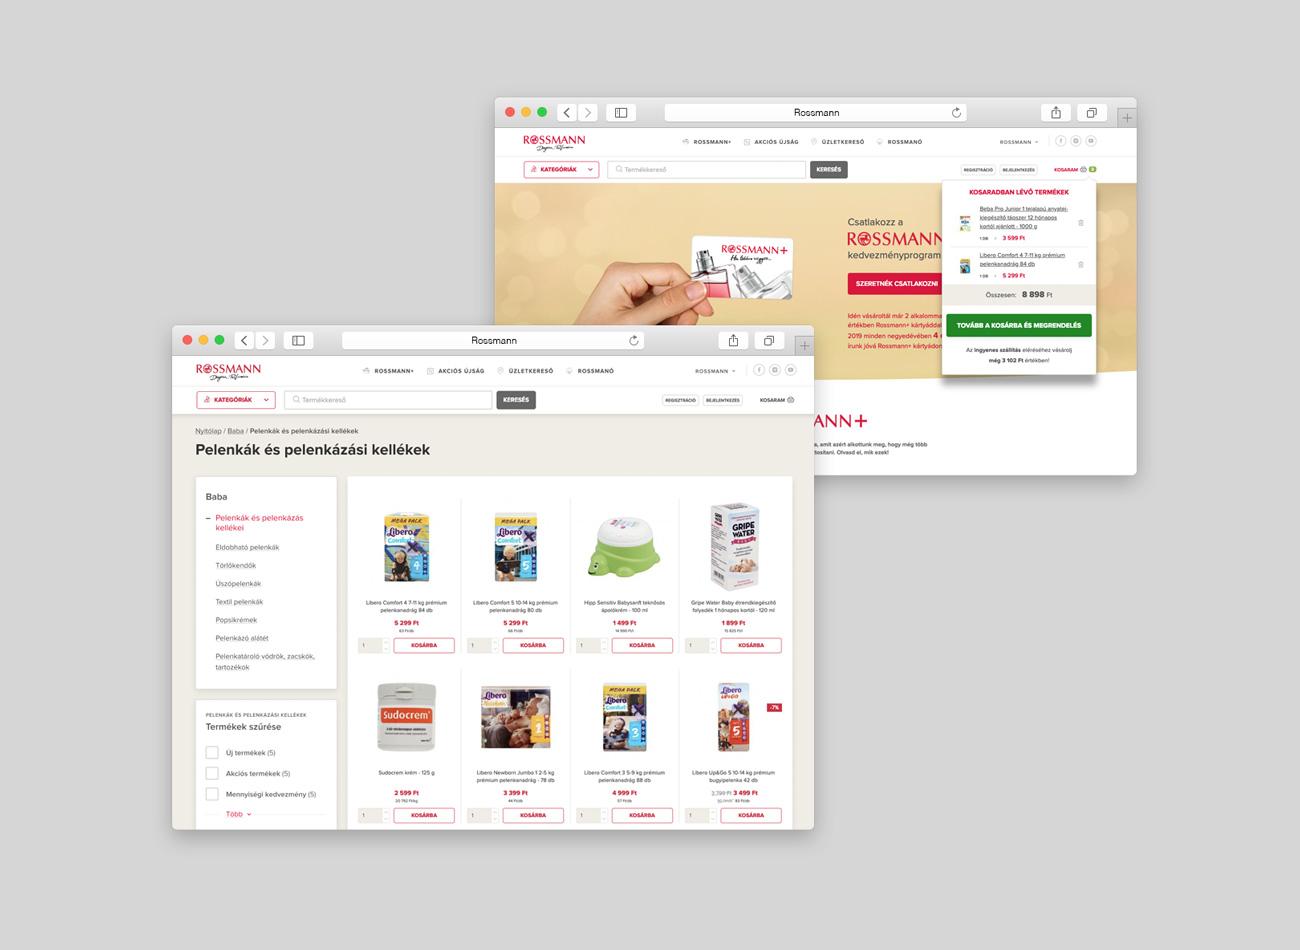 Rossmann webshop